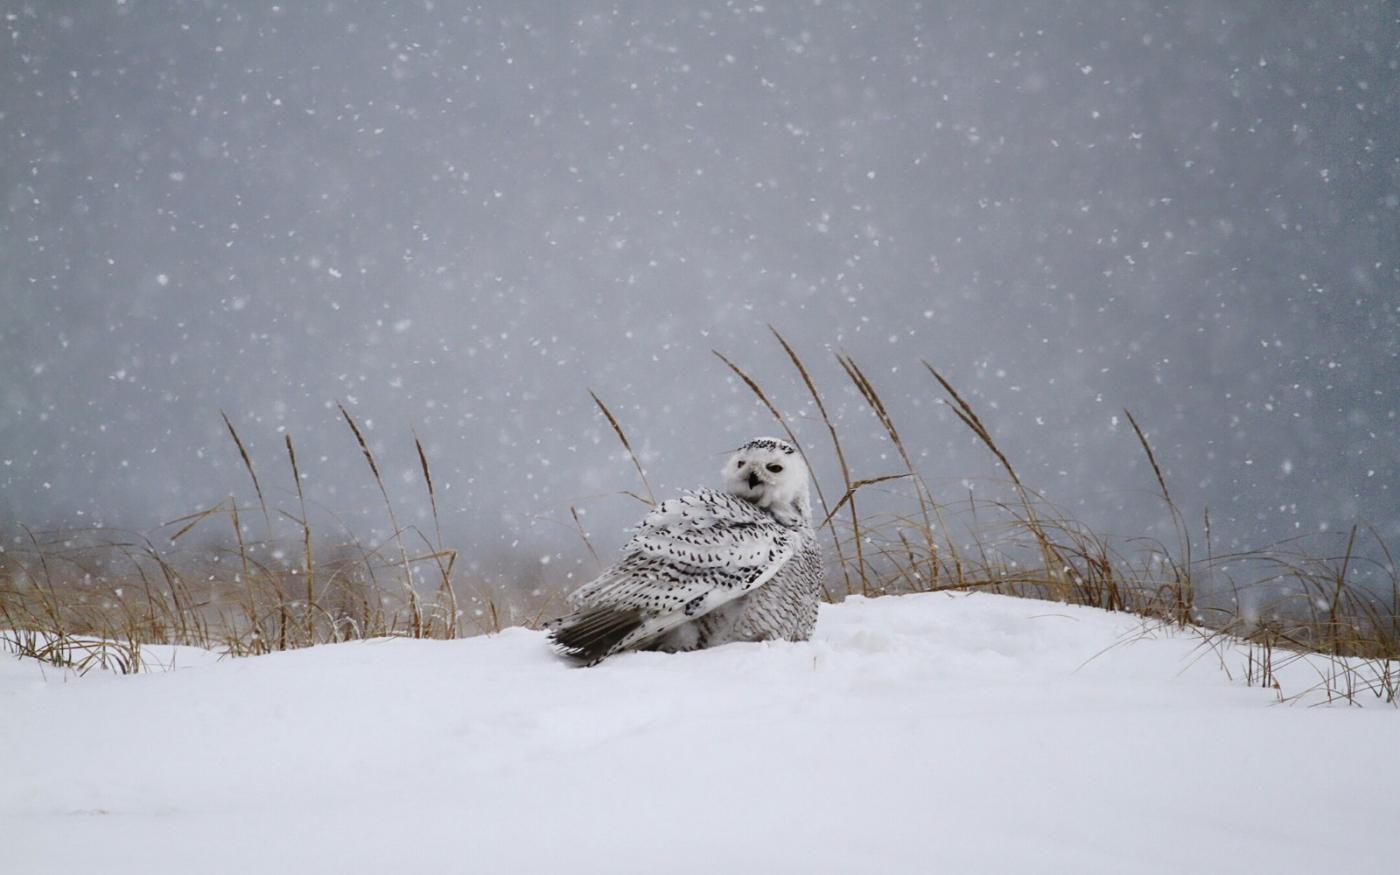 【田螺摄影】它坐着我坐着~抓拍雪猫鹰的萌态_图1-3